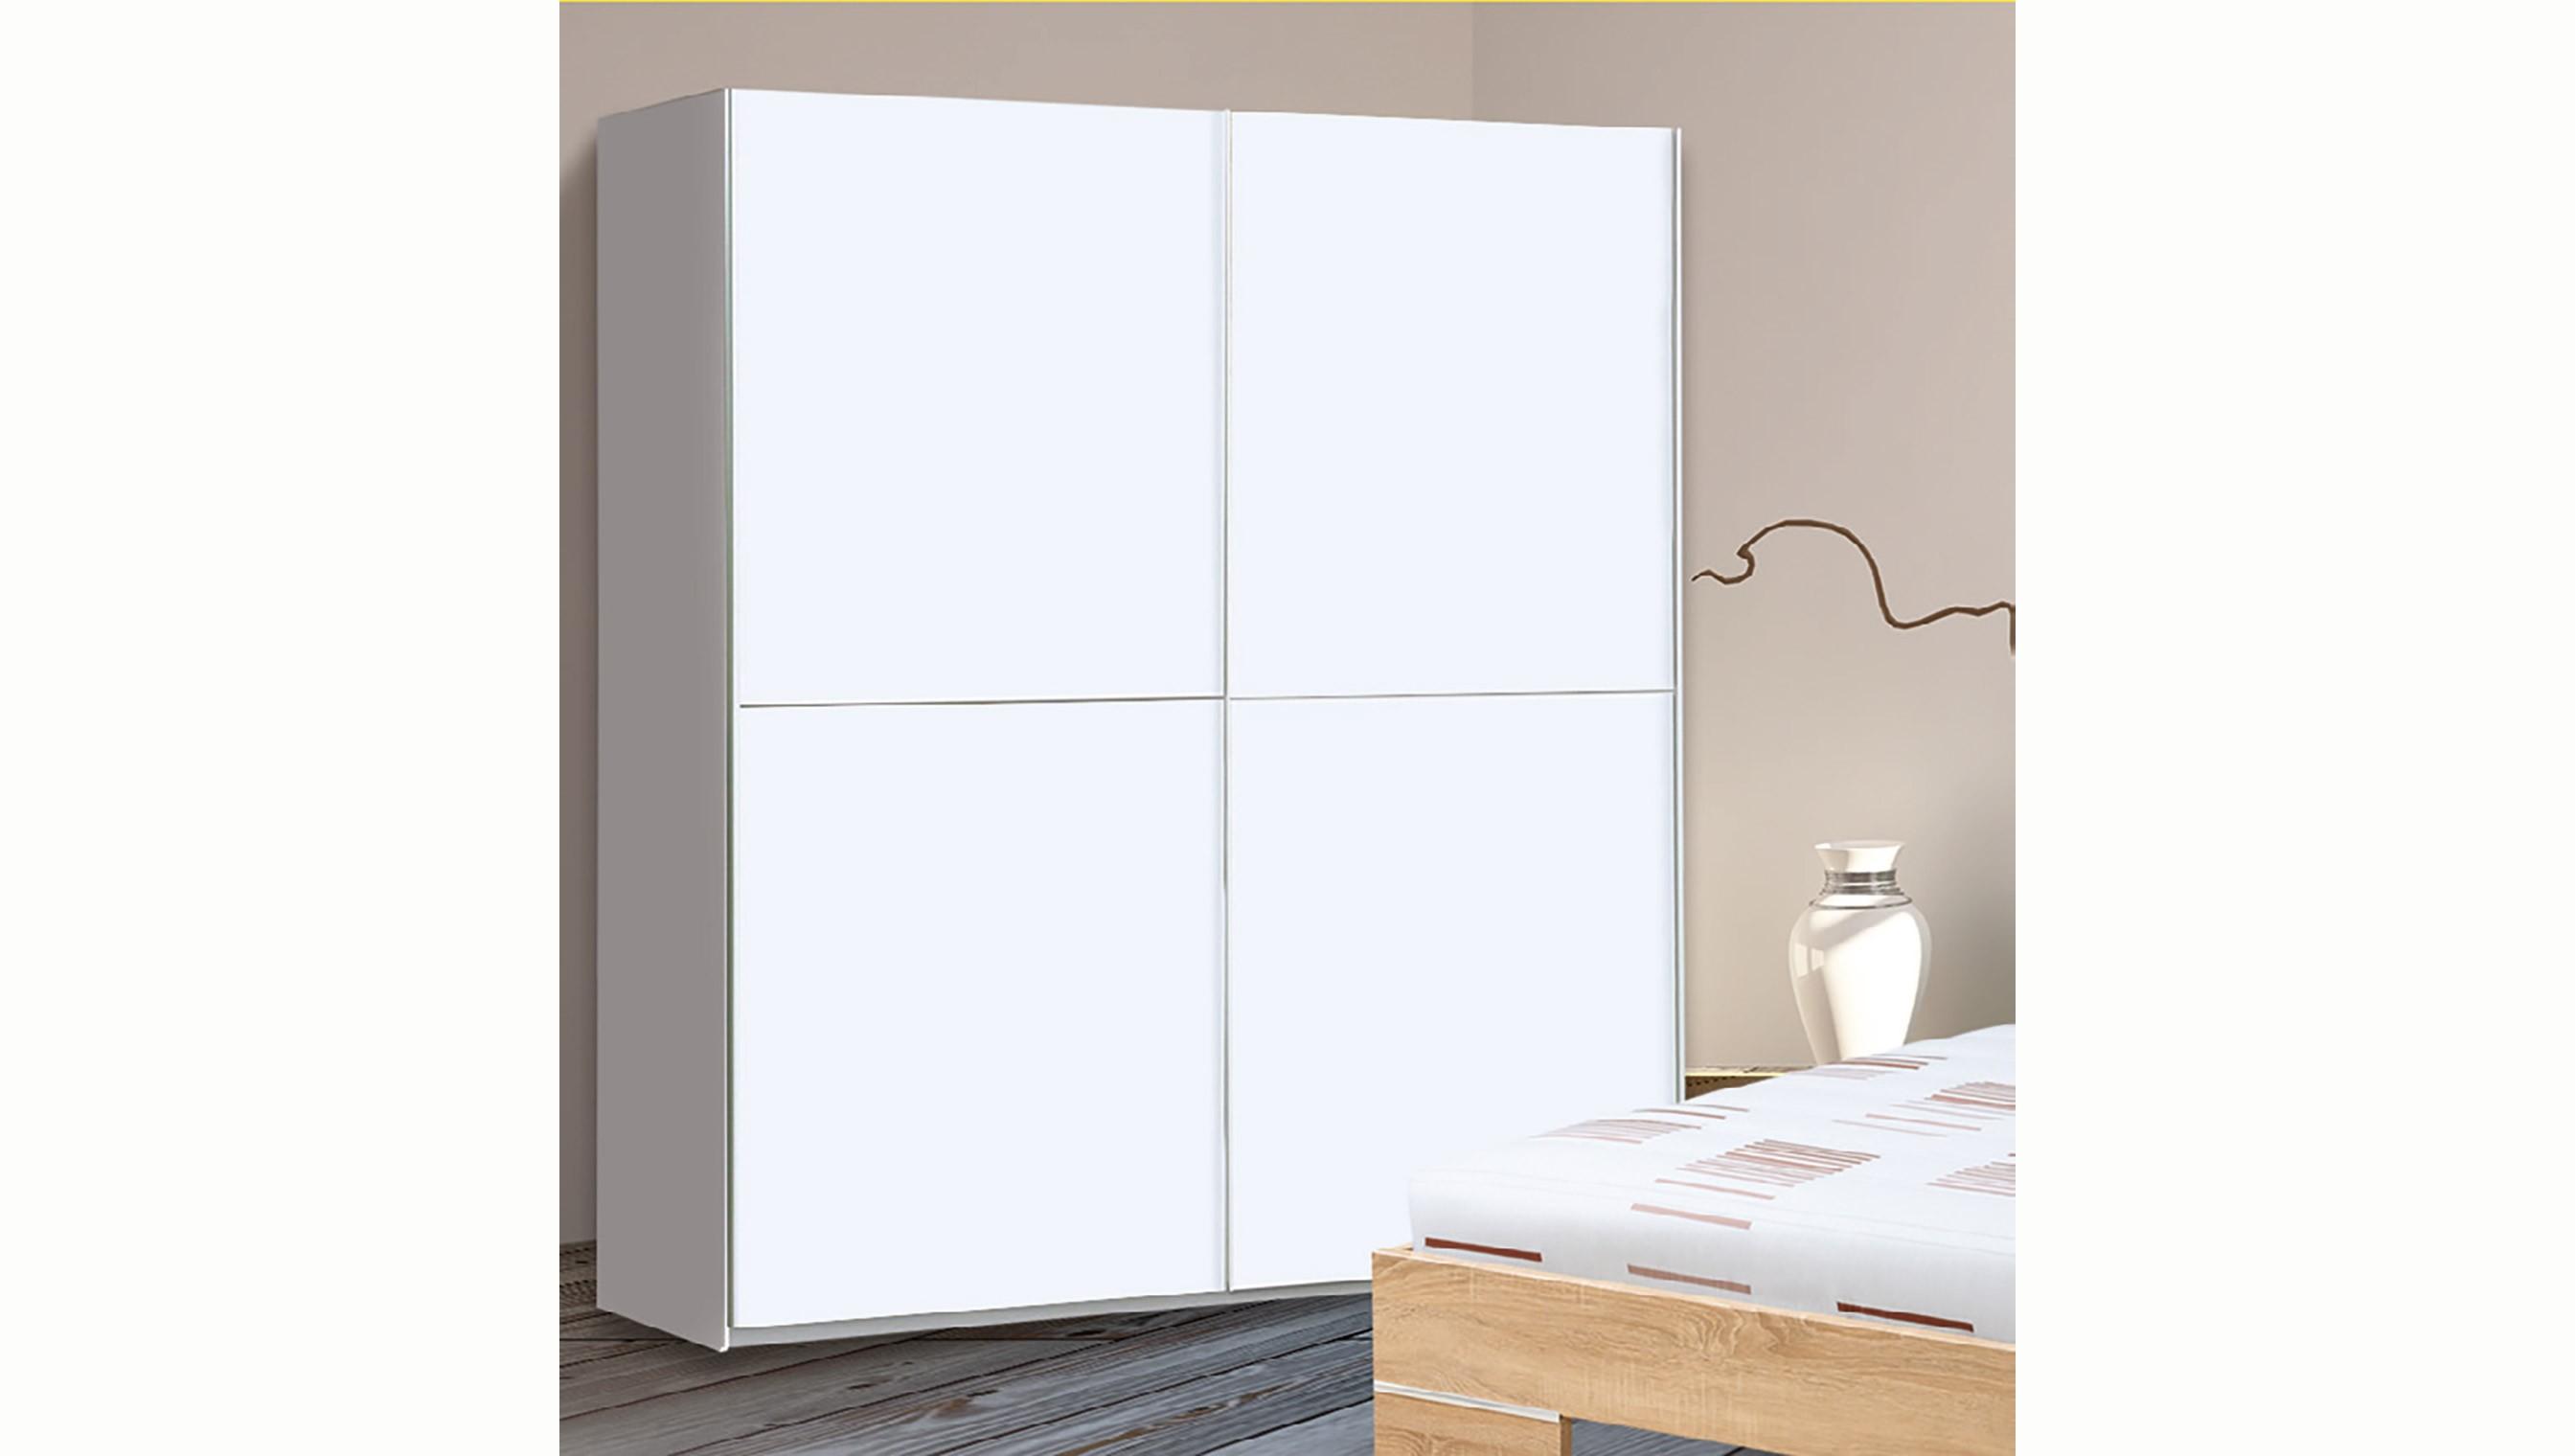 schwebet renschrank wei spilger s sparmaxx. Black Bedroom Furniture Sets. Home Design Ideas